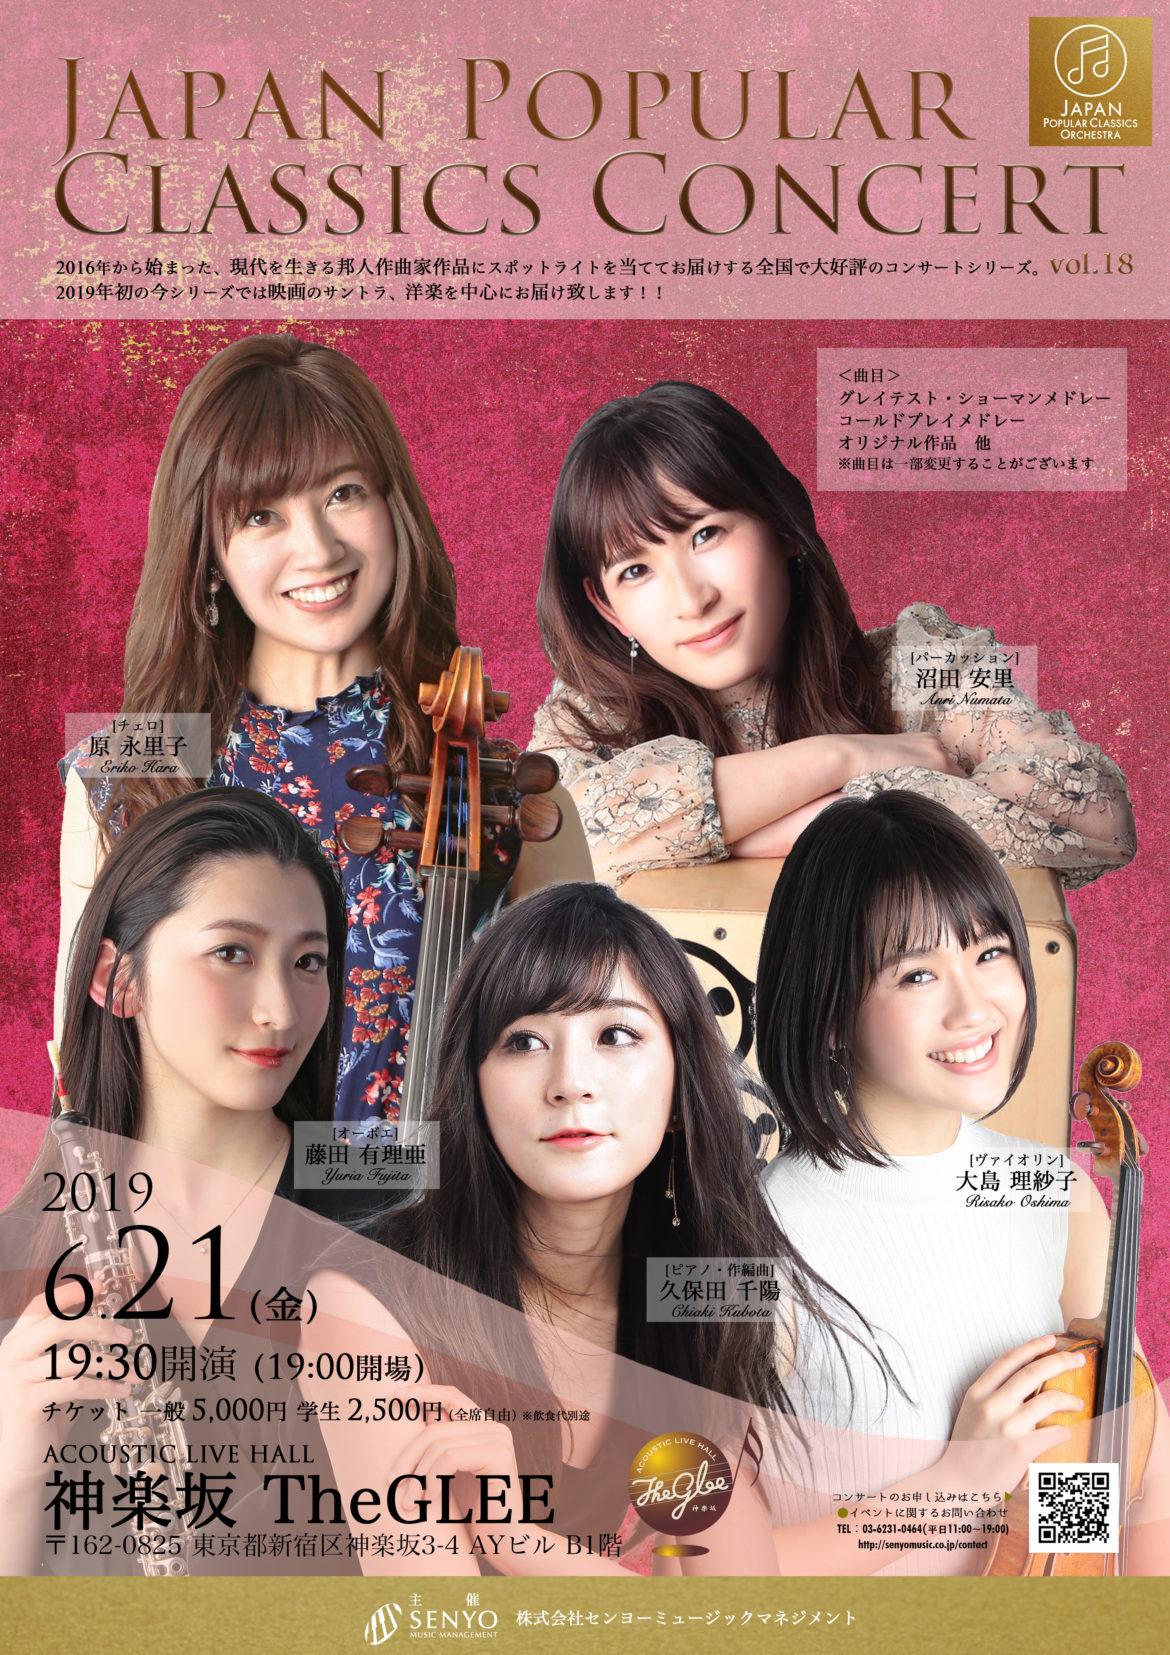 2019.6.21 第18回 JAPAN POPULAR CLASSICS CONCERT